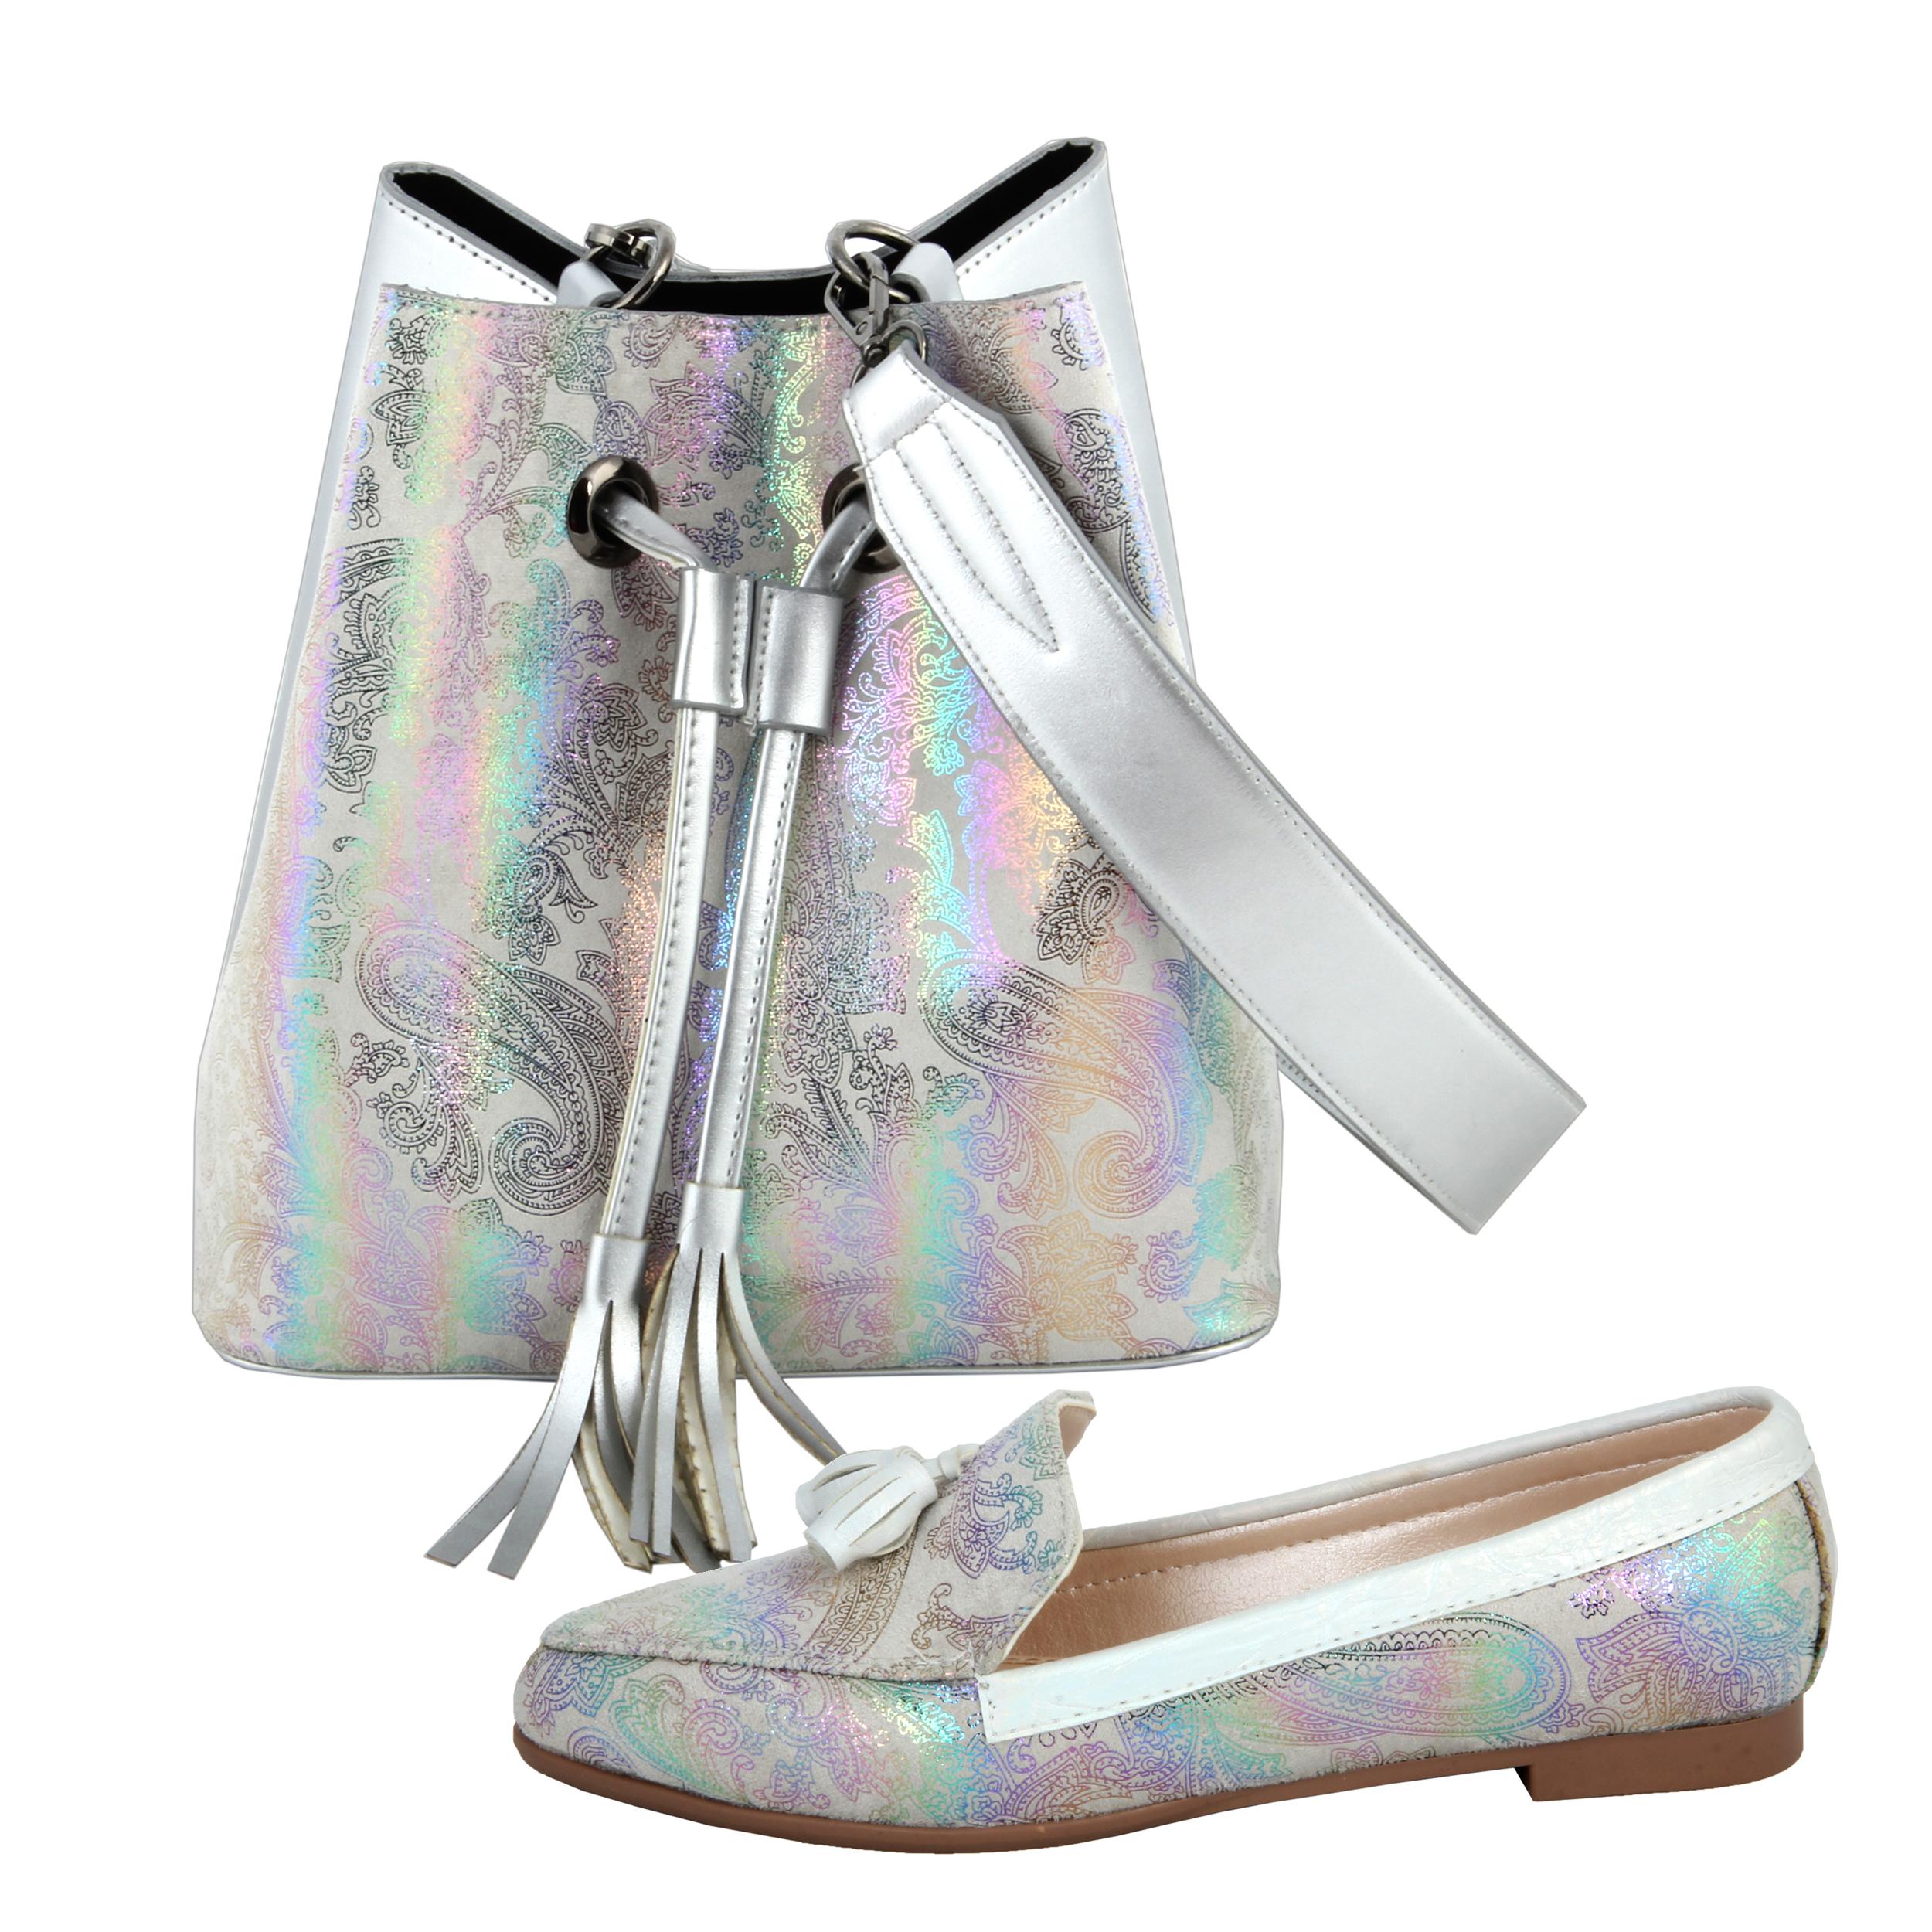 ست کیف و کفش زنانه کد st214